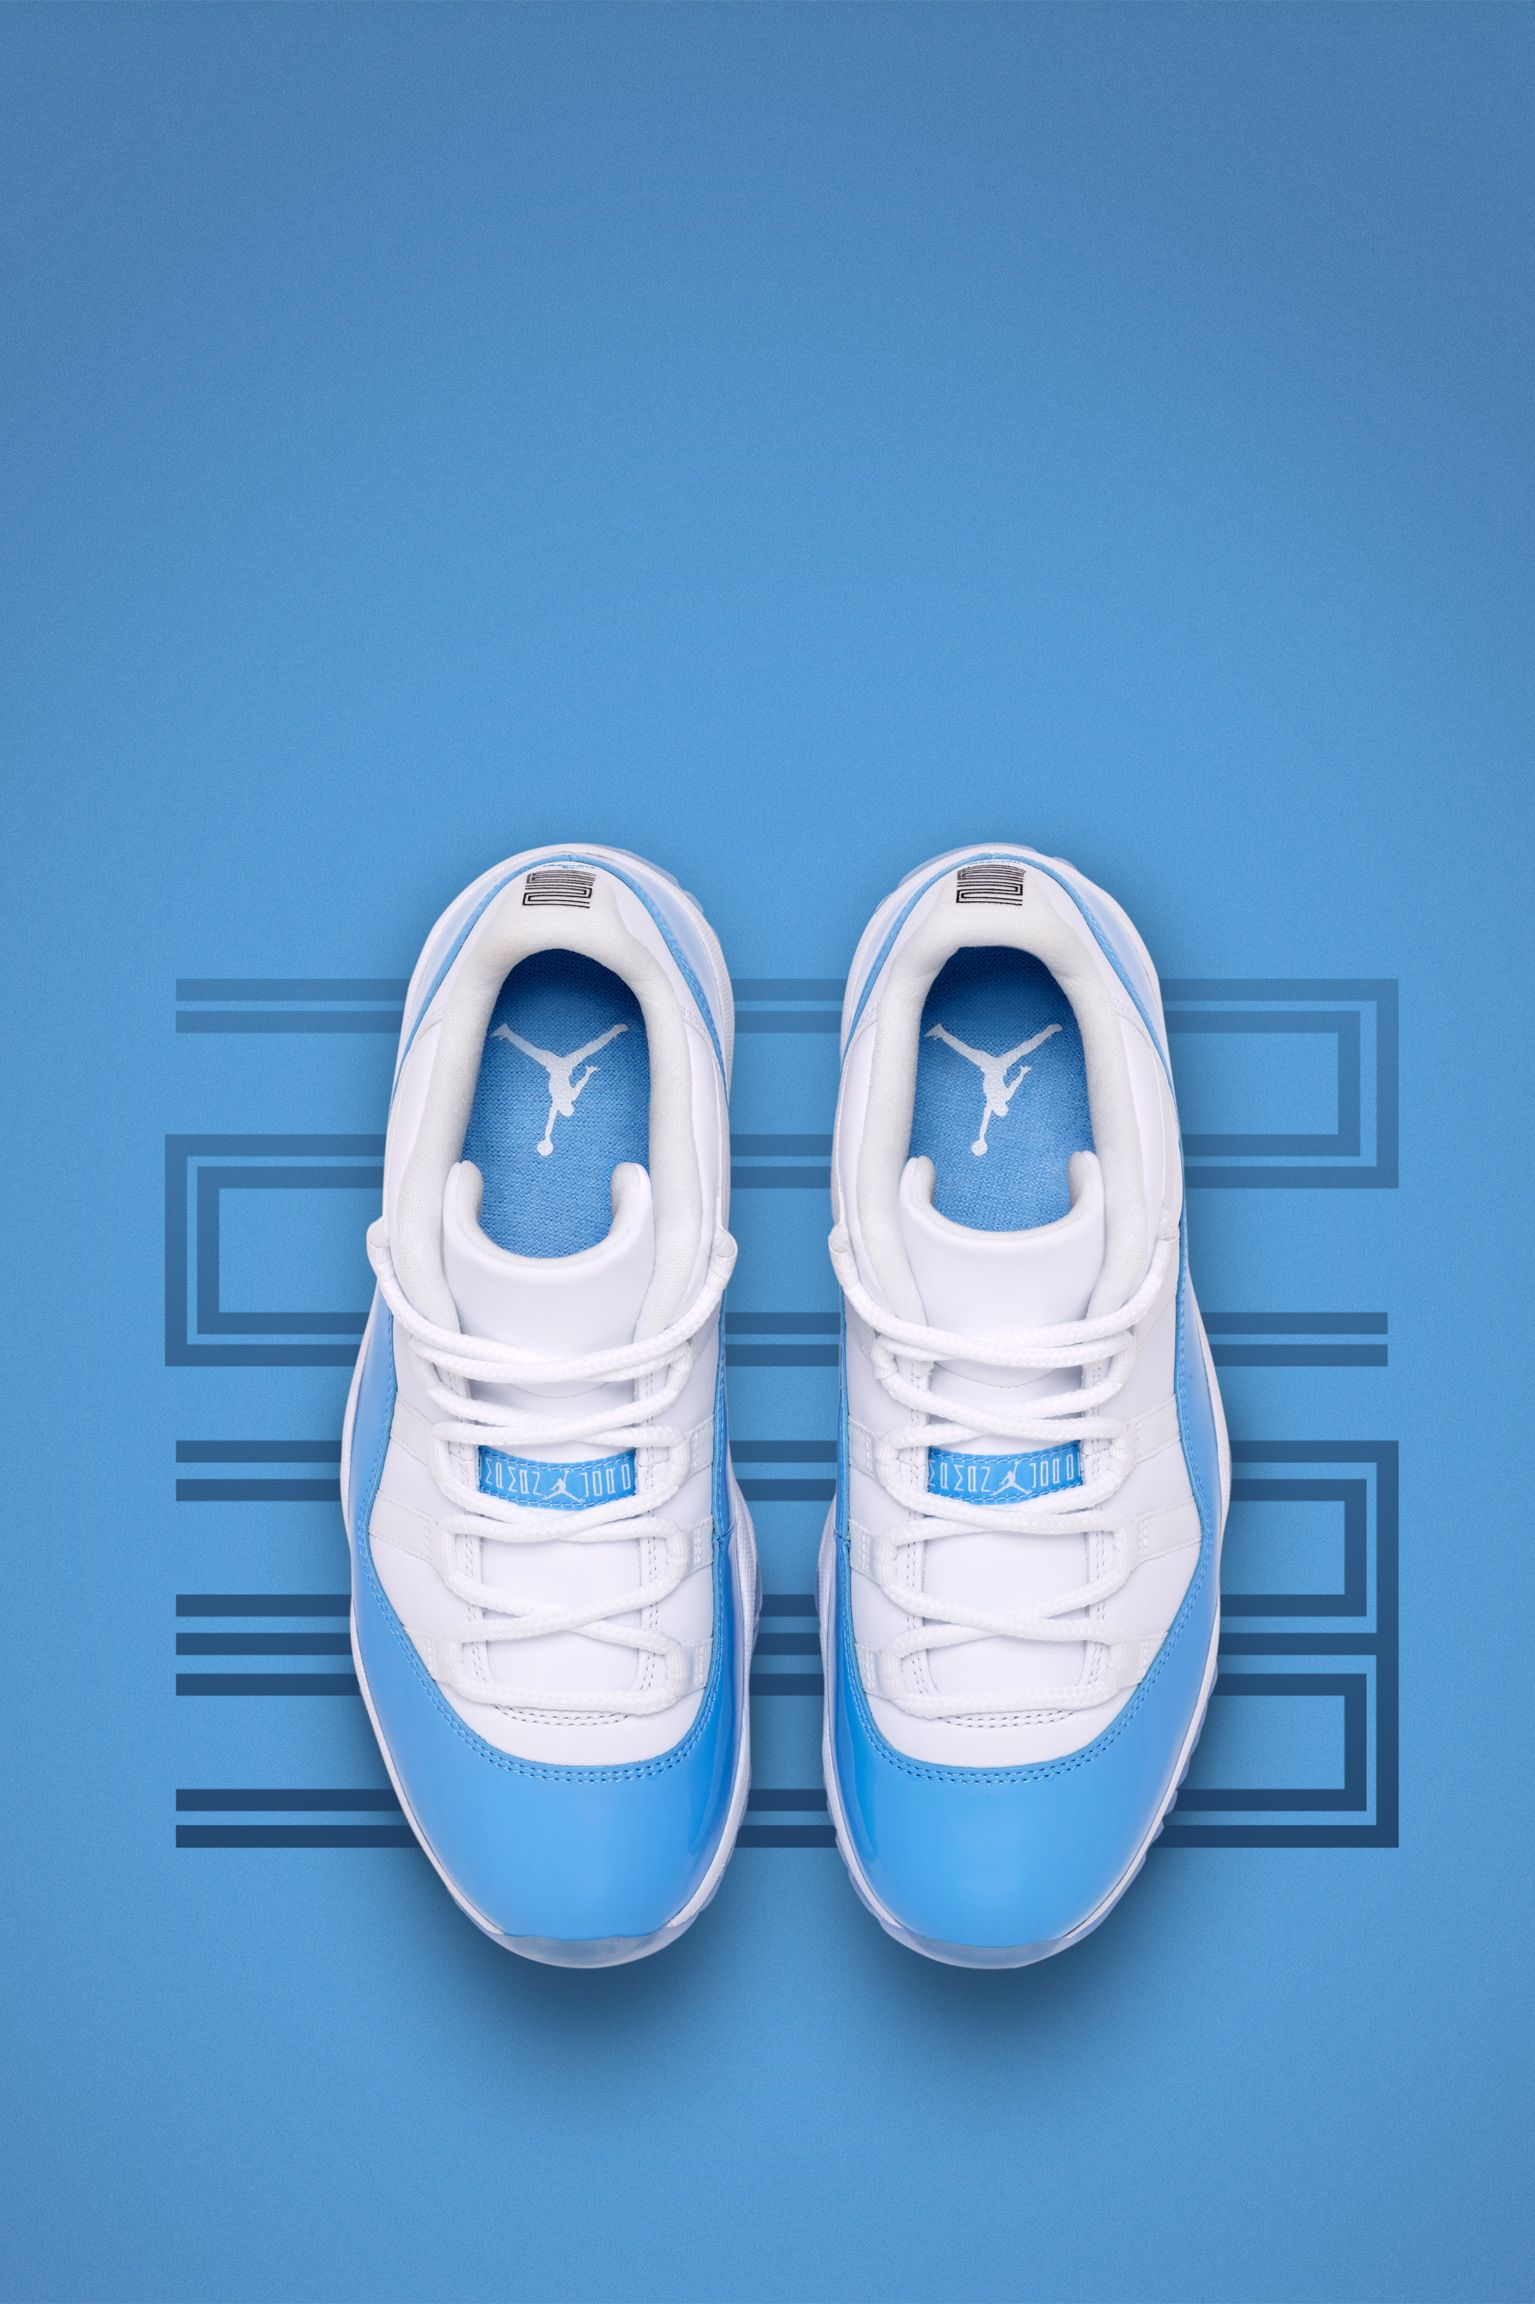 Air Jordan 11 Retro Low 'White & University Blue'. Nike SNKRS